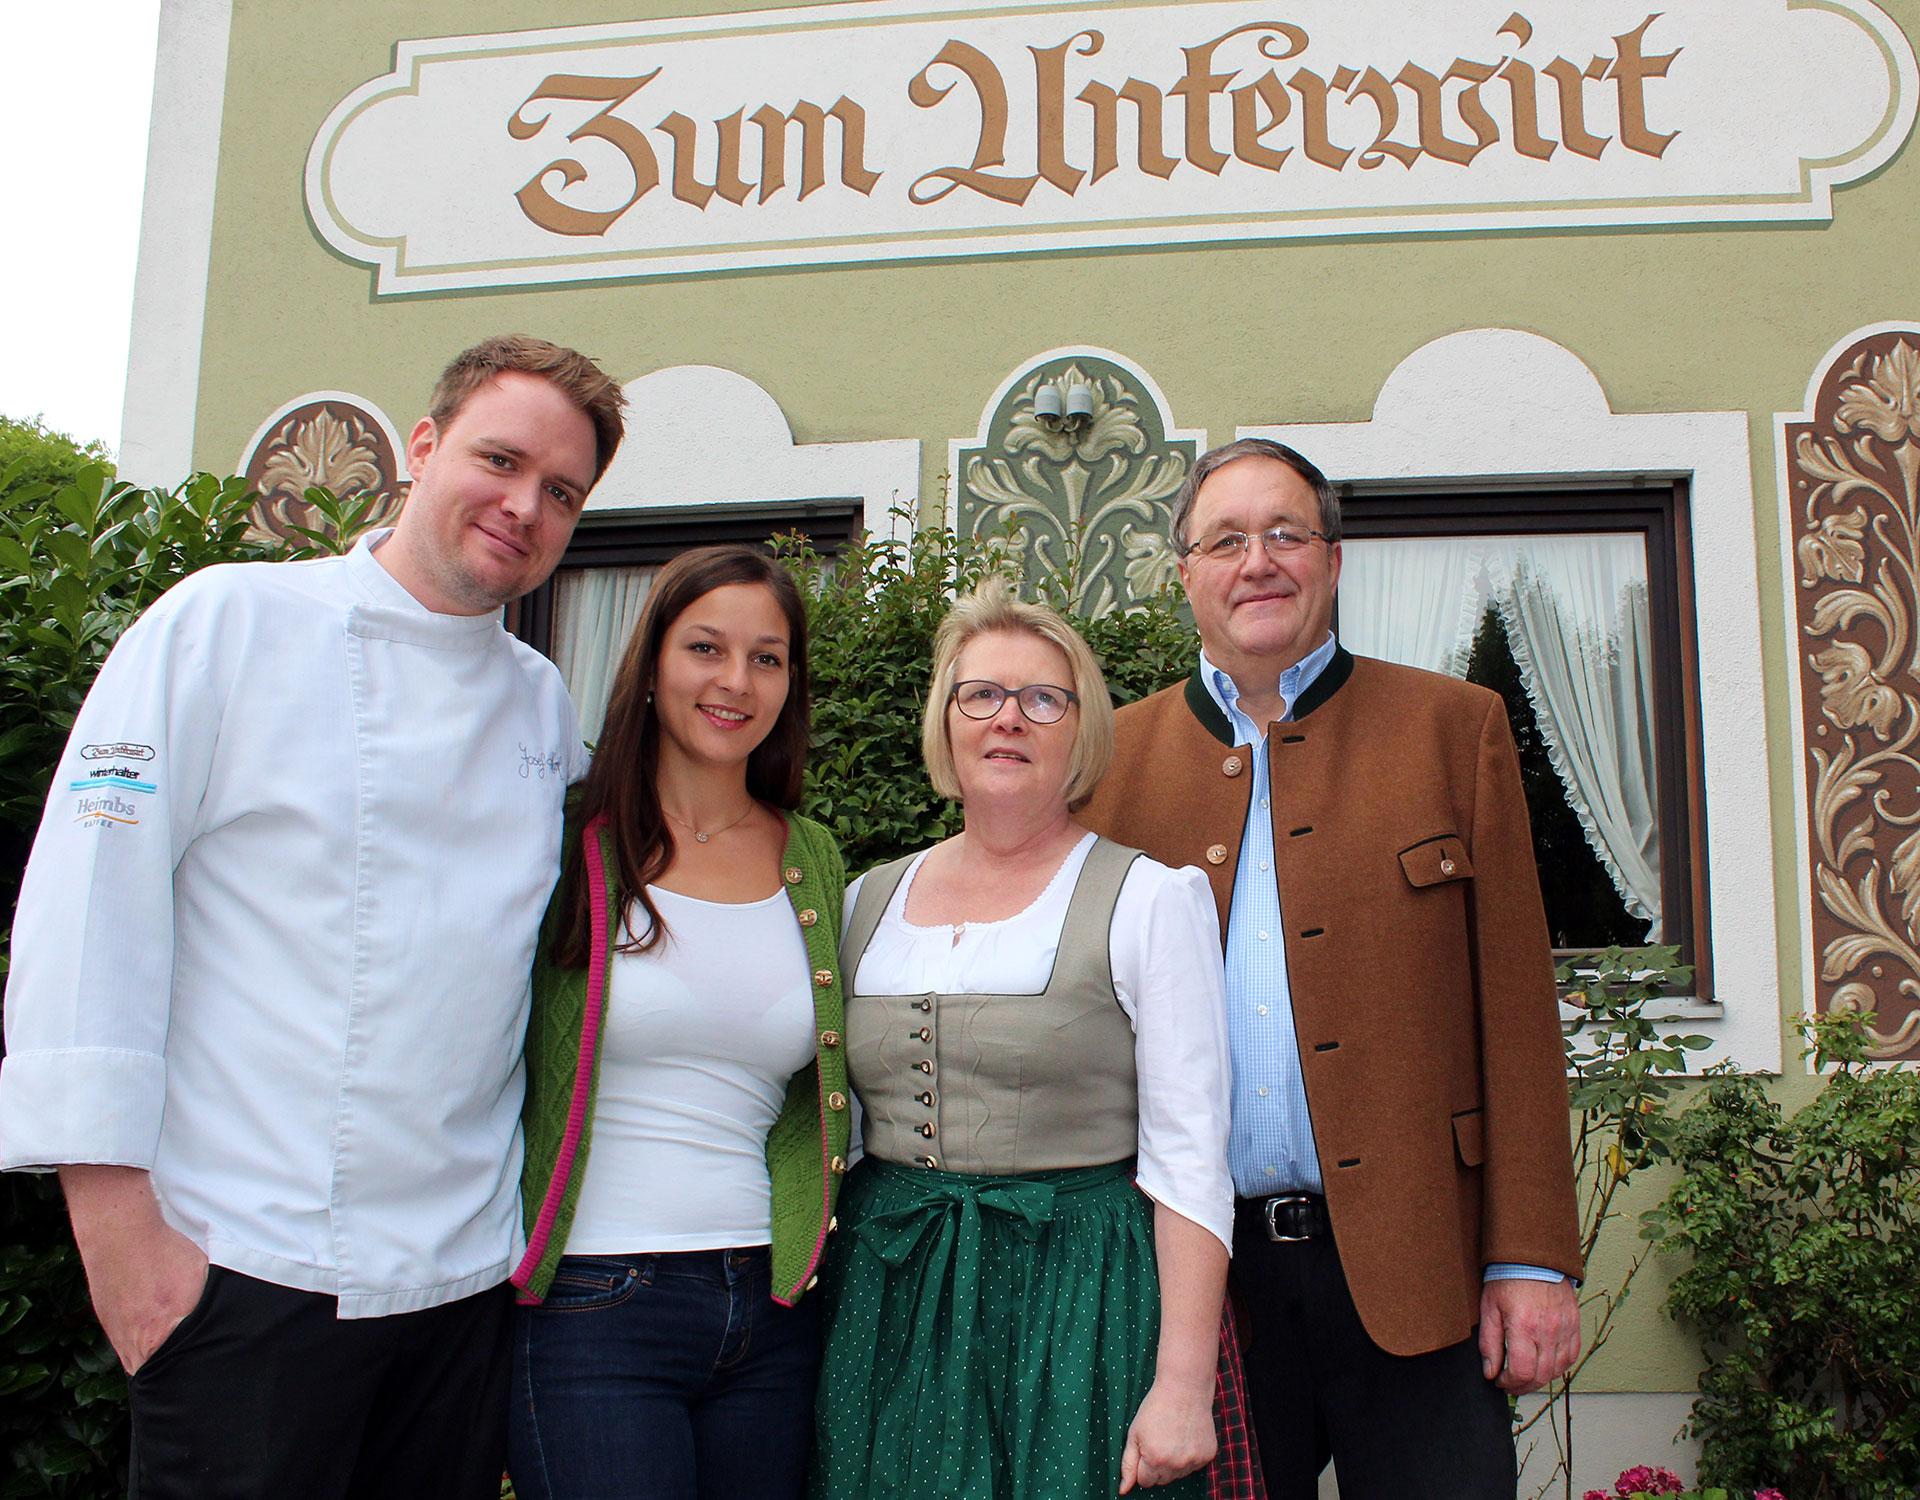 Familie-Hartl-ZumUnterwirt